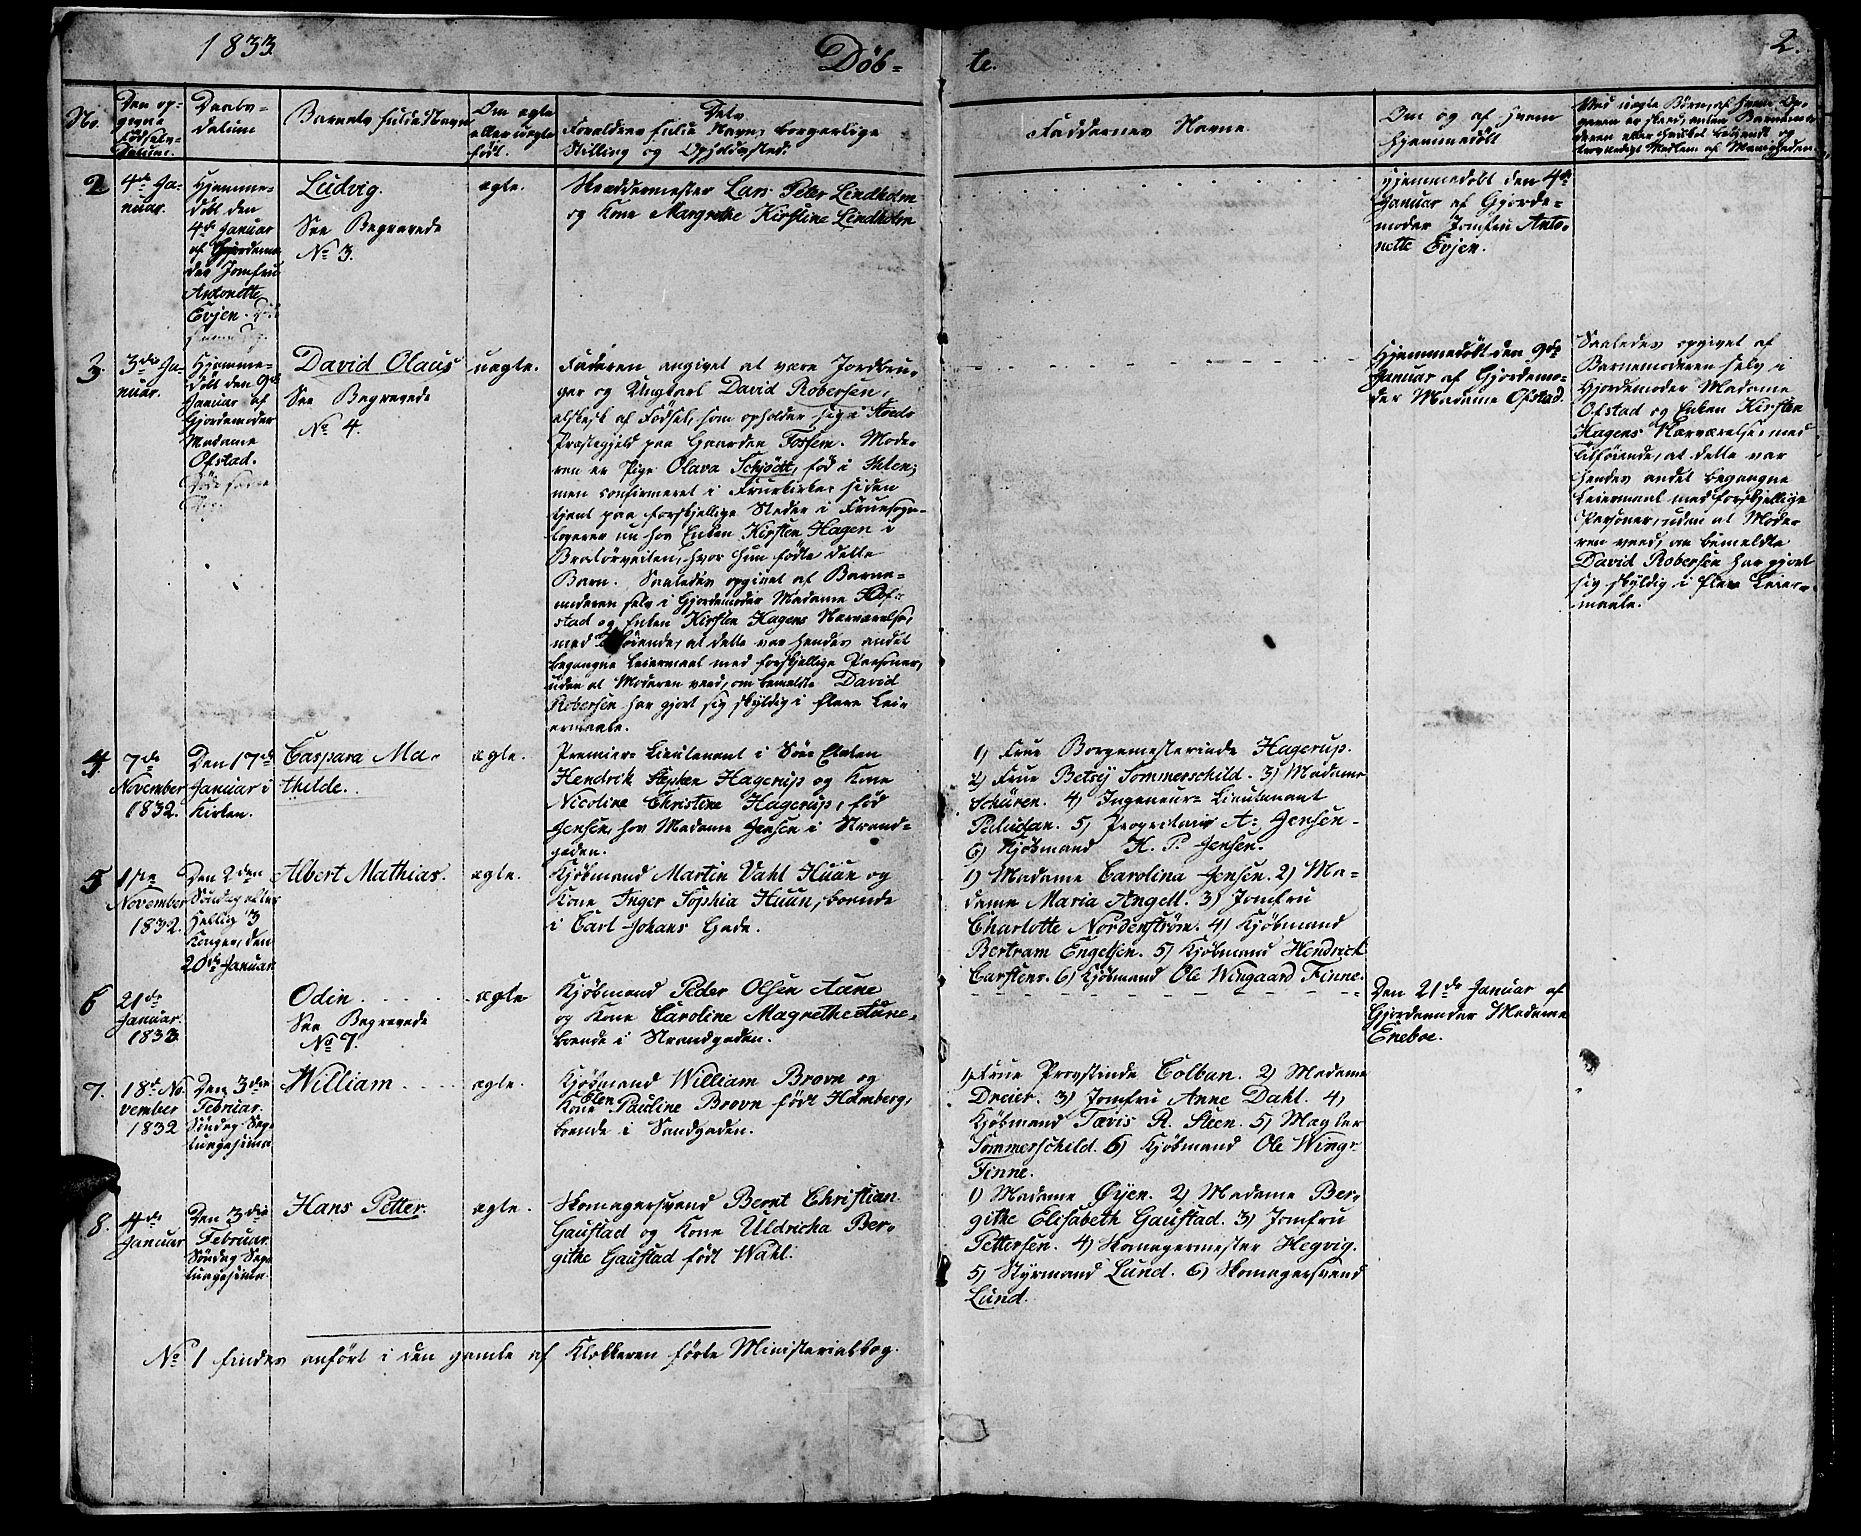 SAT, Ministerialprotokoller, klokkerbøker og fødselsregistre - Sør-Trøndelag, 602/L0136: Klokkerbok nr. 602C04, 1833-1845, s. 2